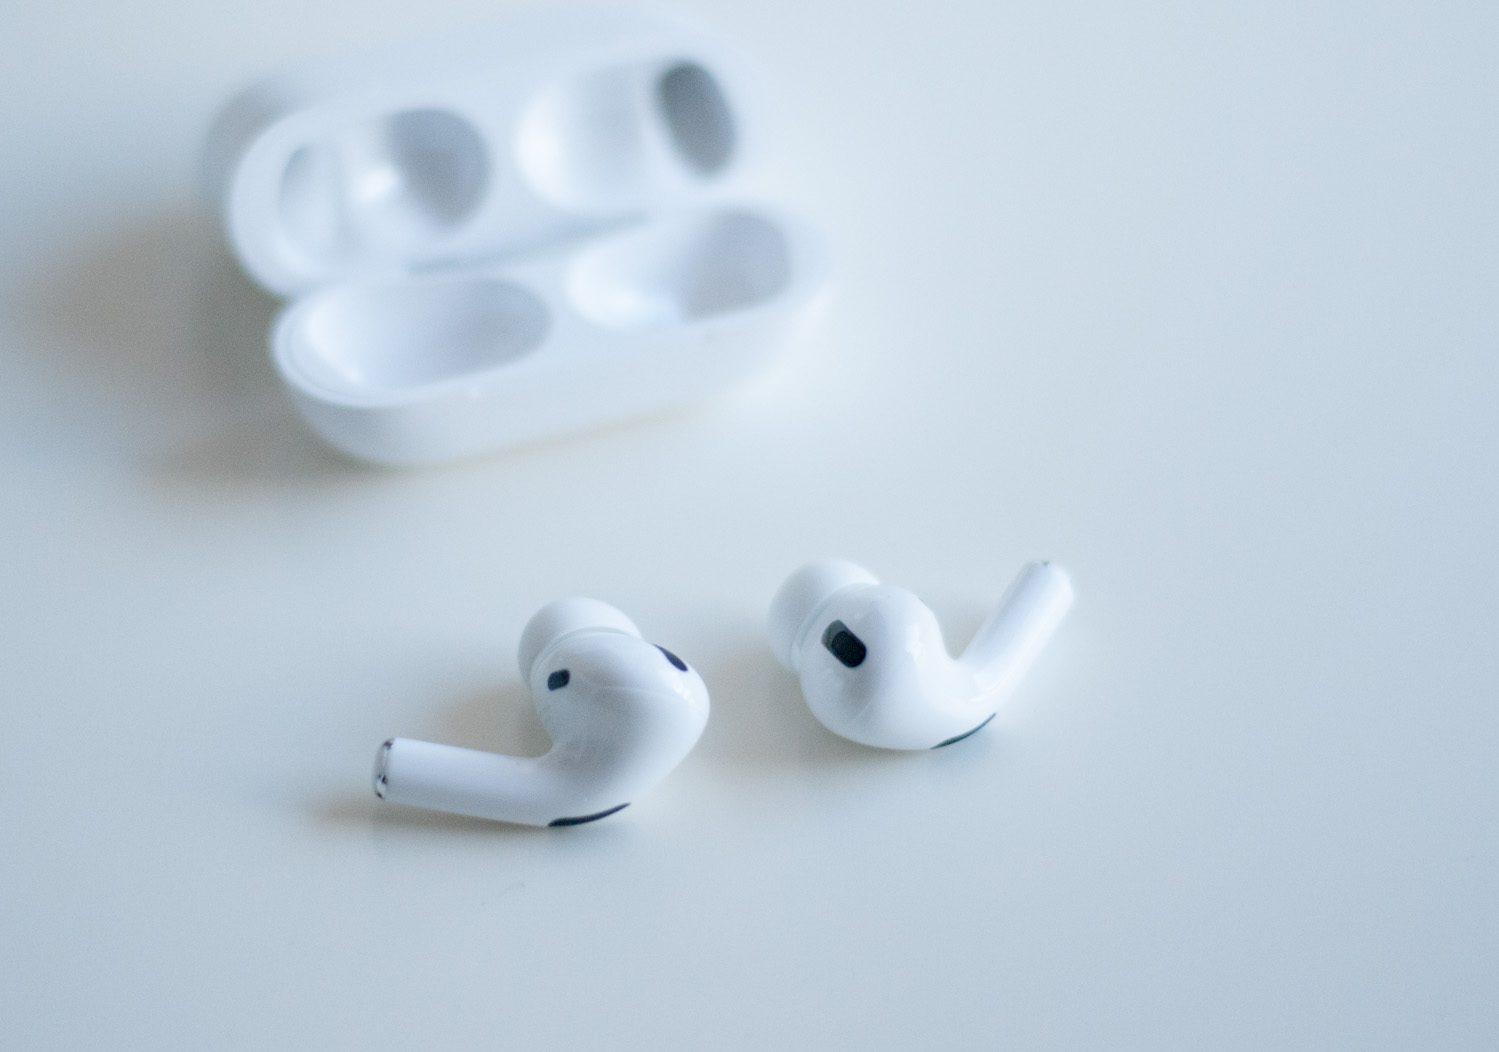 słuchawki bezprzewodowe apple